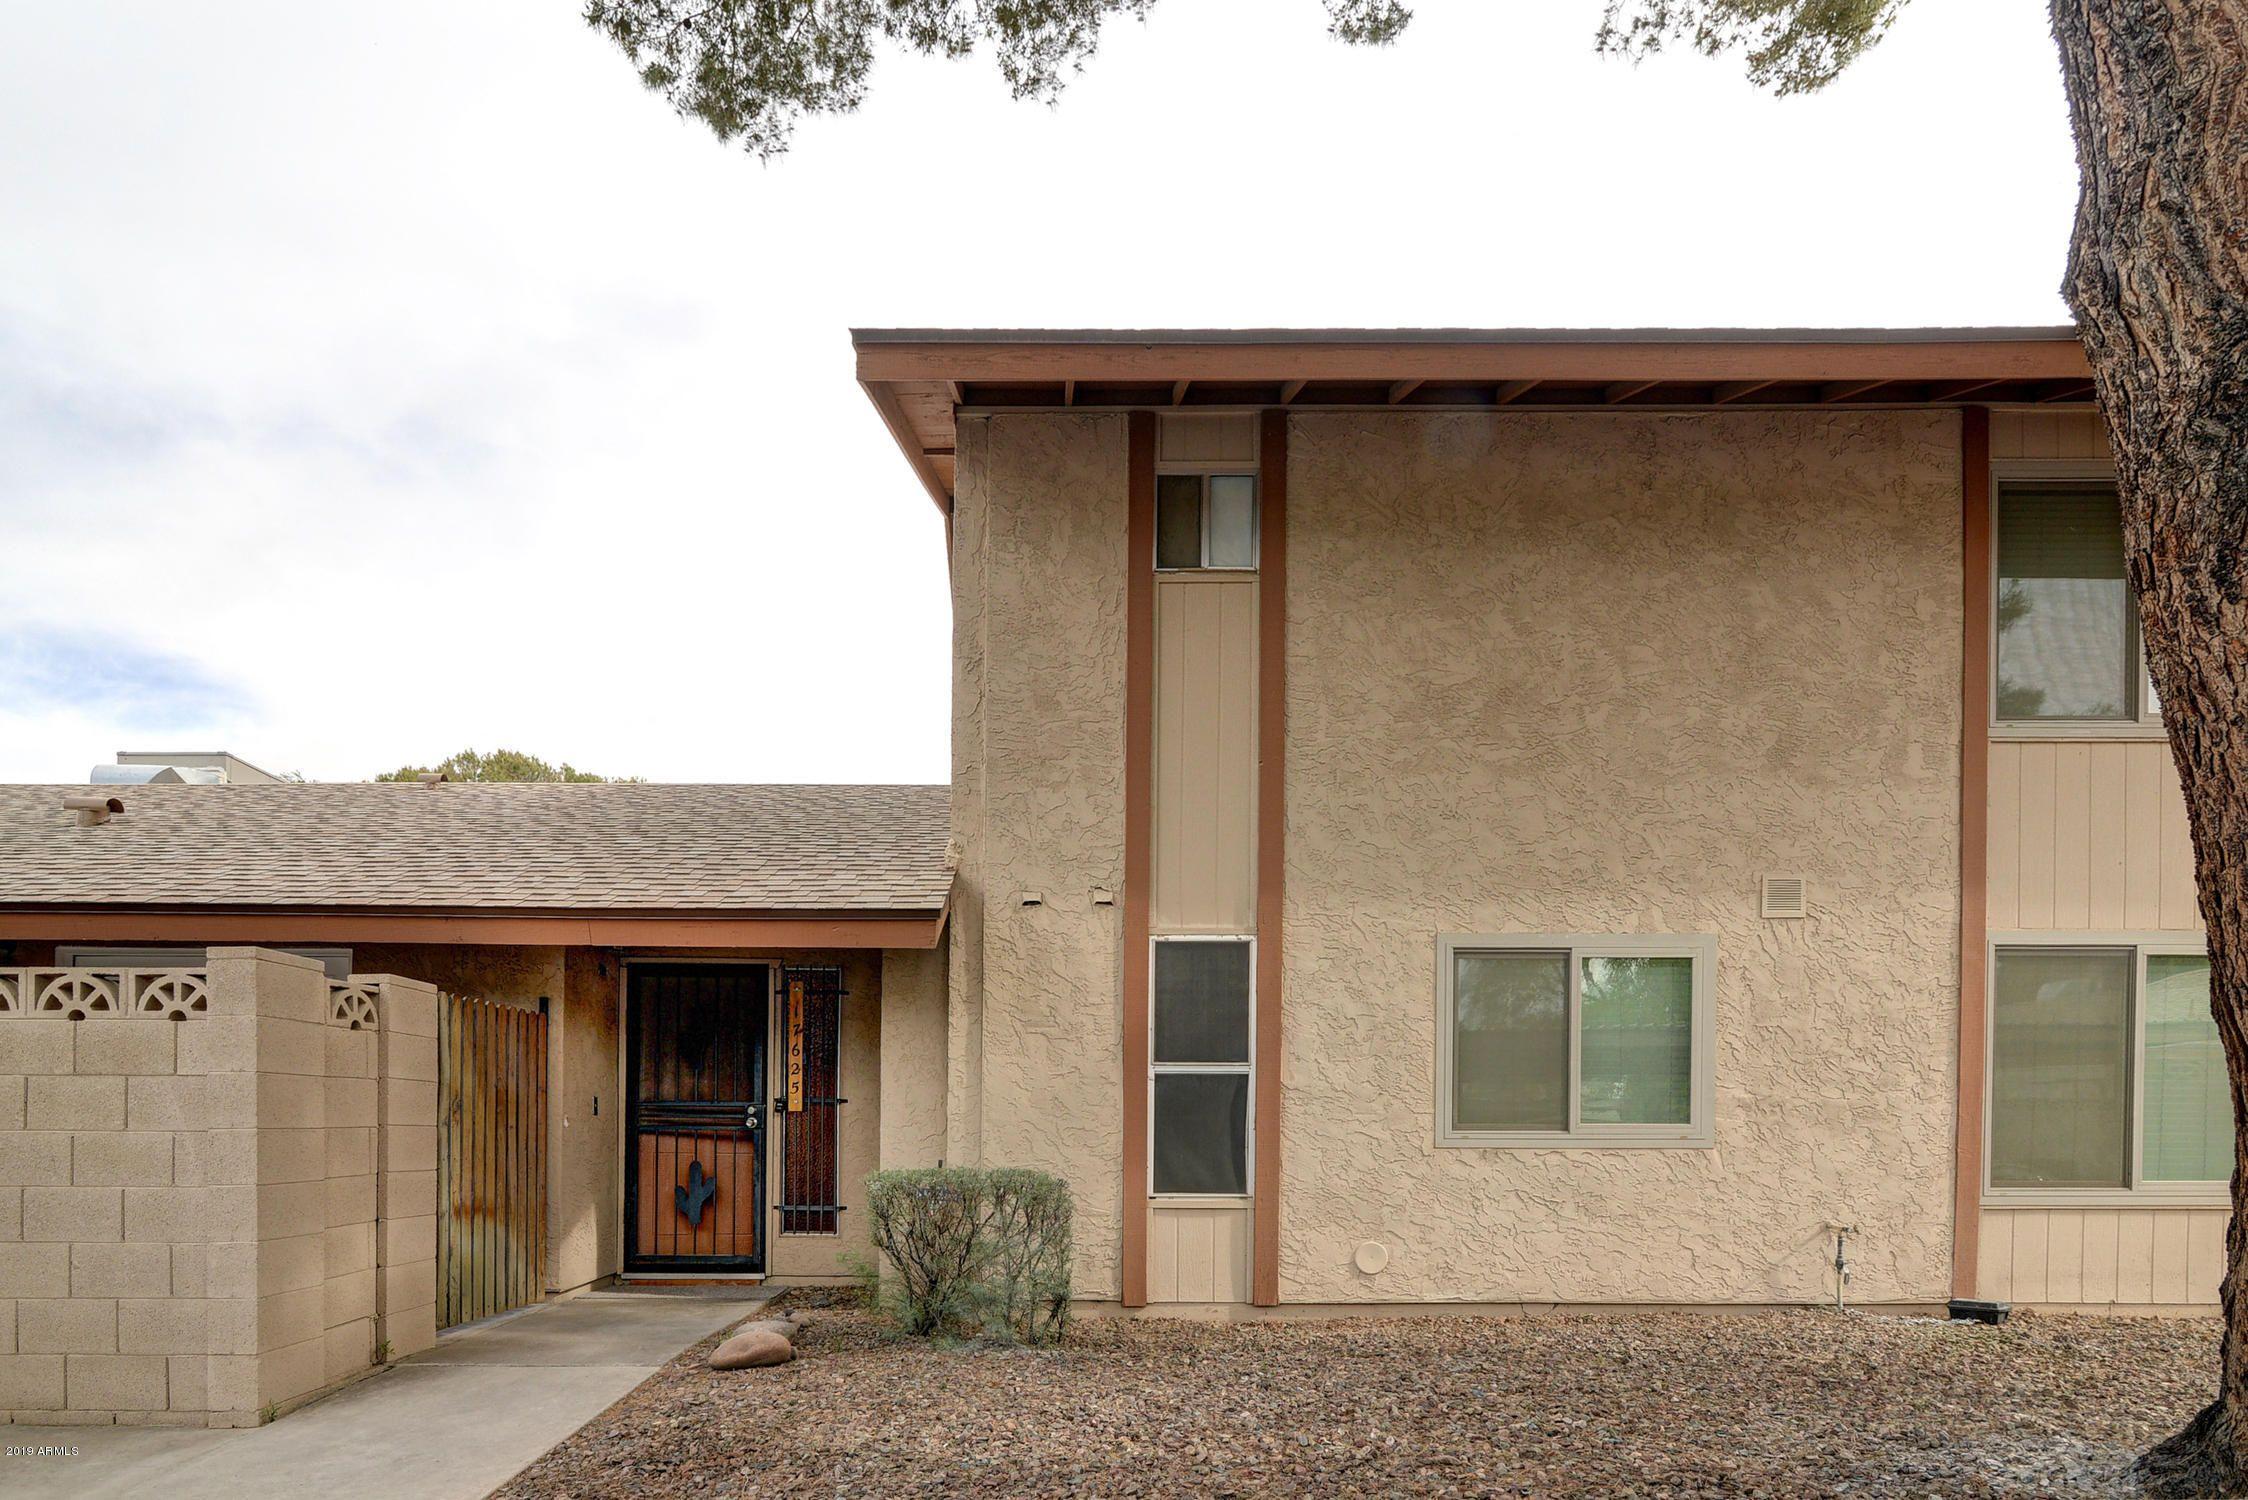 17625  N 45TH   Avenue Glendale AZ 85308